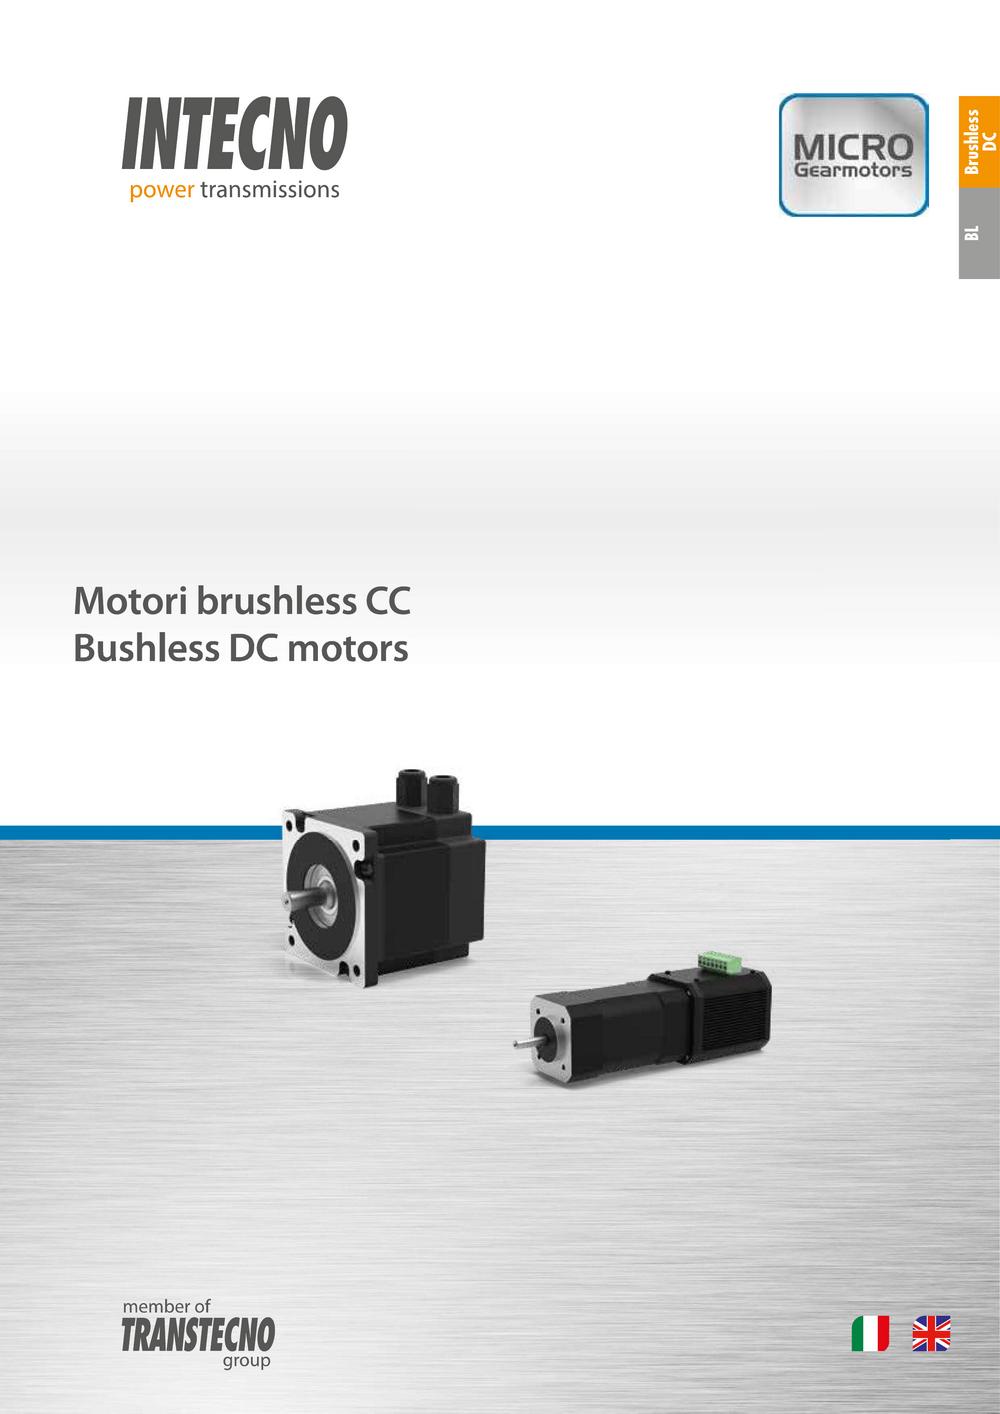 Бесколлекторные двигатели постоянного тока BL Intecno